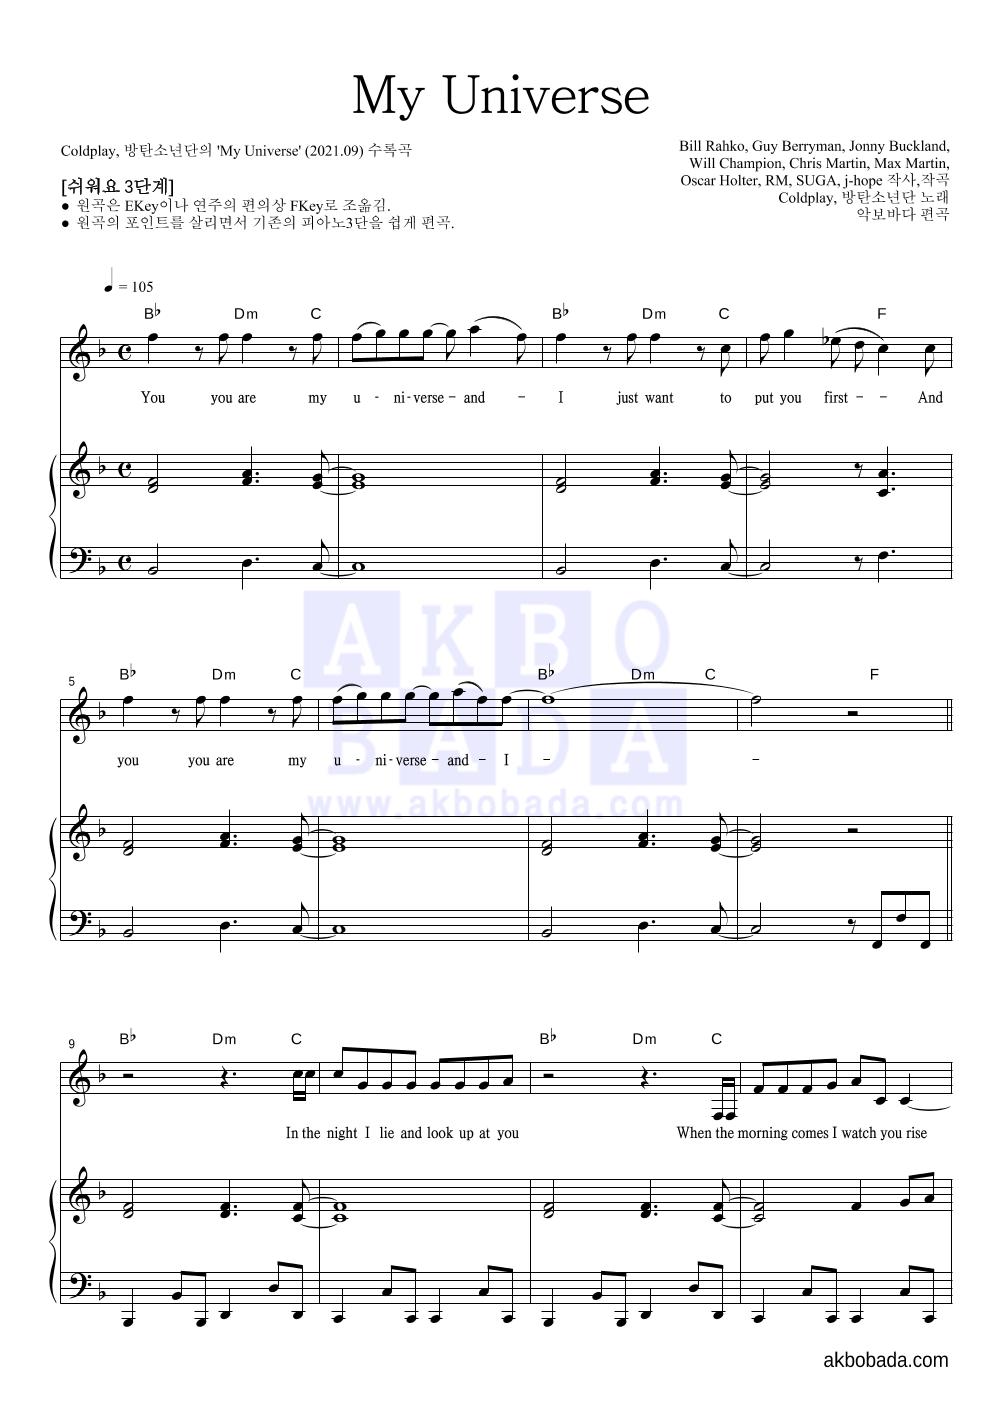 Coldplay,방탄소년단 - My Universe 피아노3단-쉬워요 악보